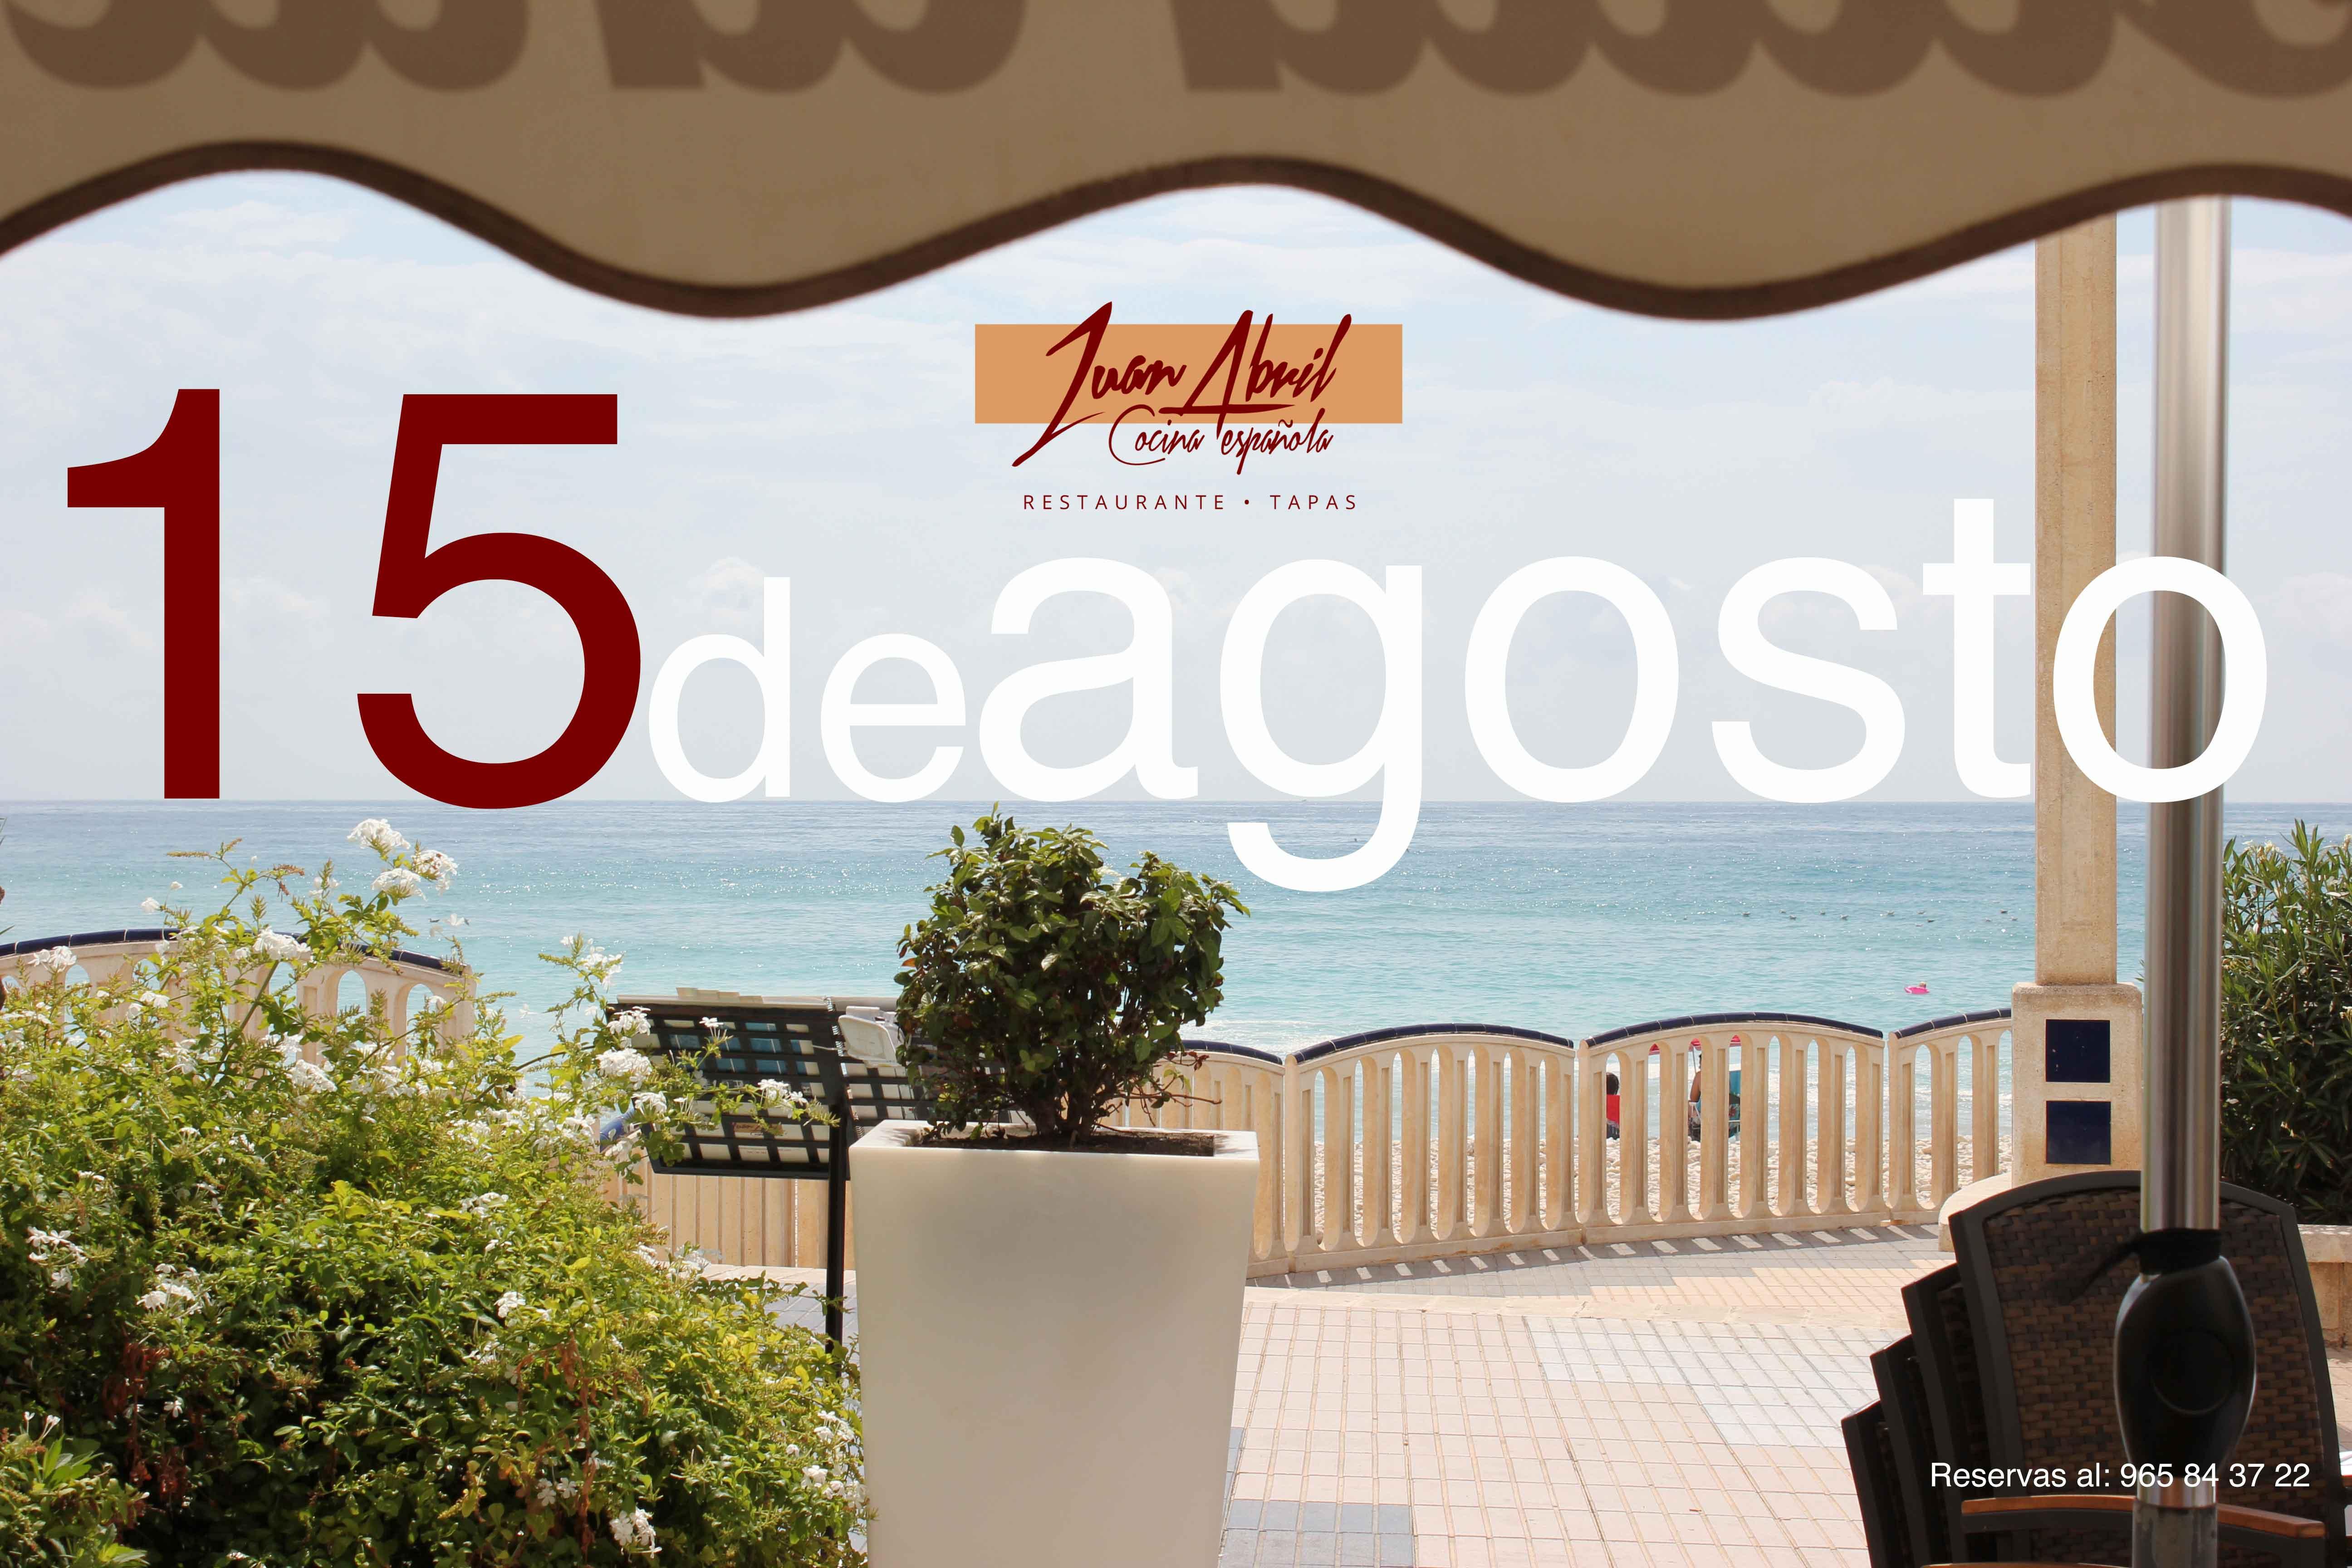 Cosas que hacer el 15 de agosto en Altea, ferias de arte, mercados artesanales y buena gastronomía en Juan Abril